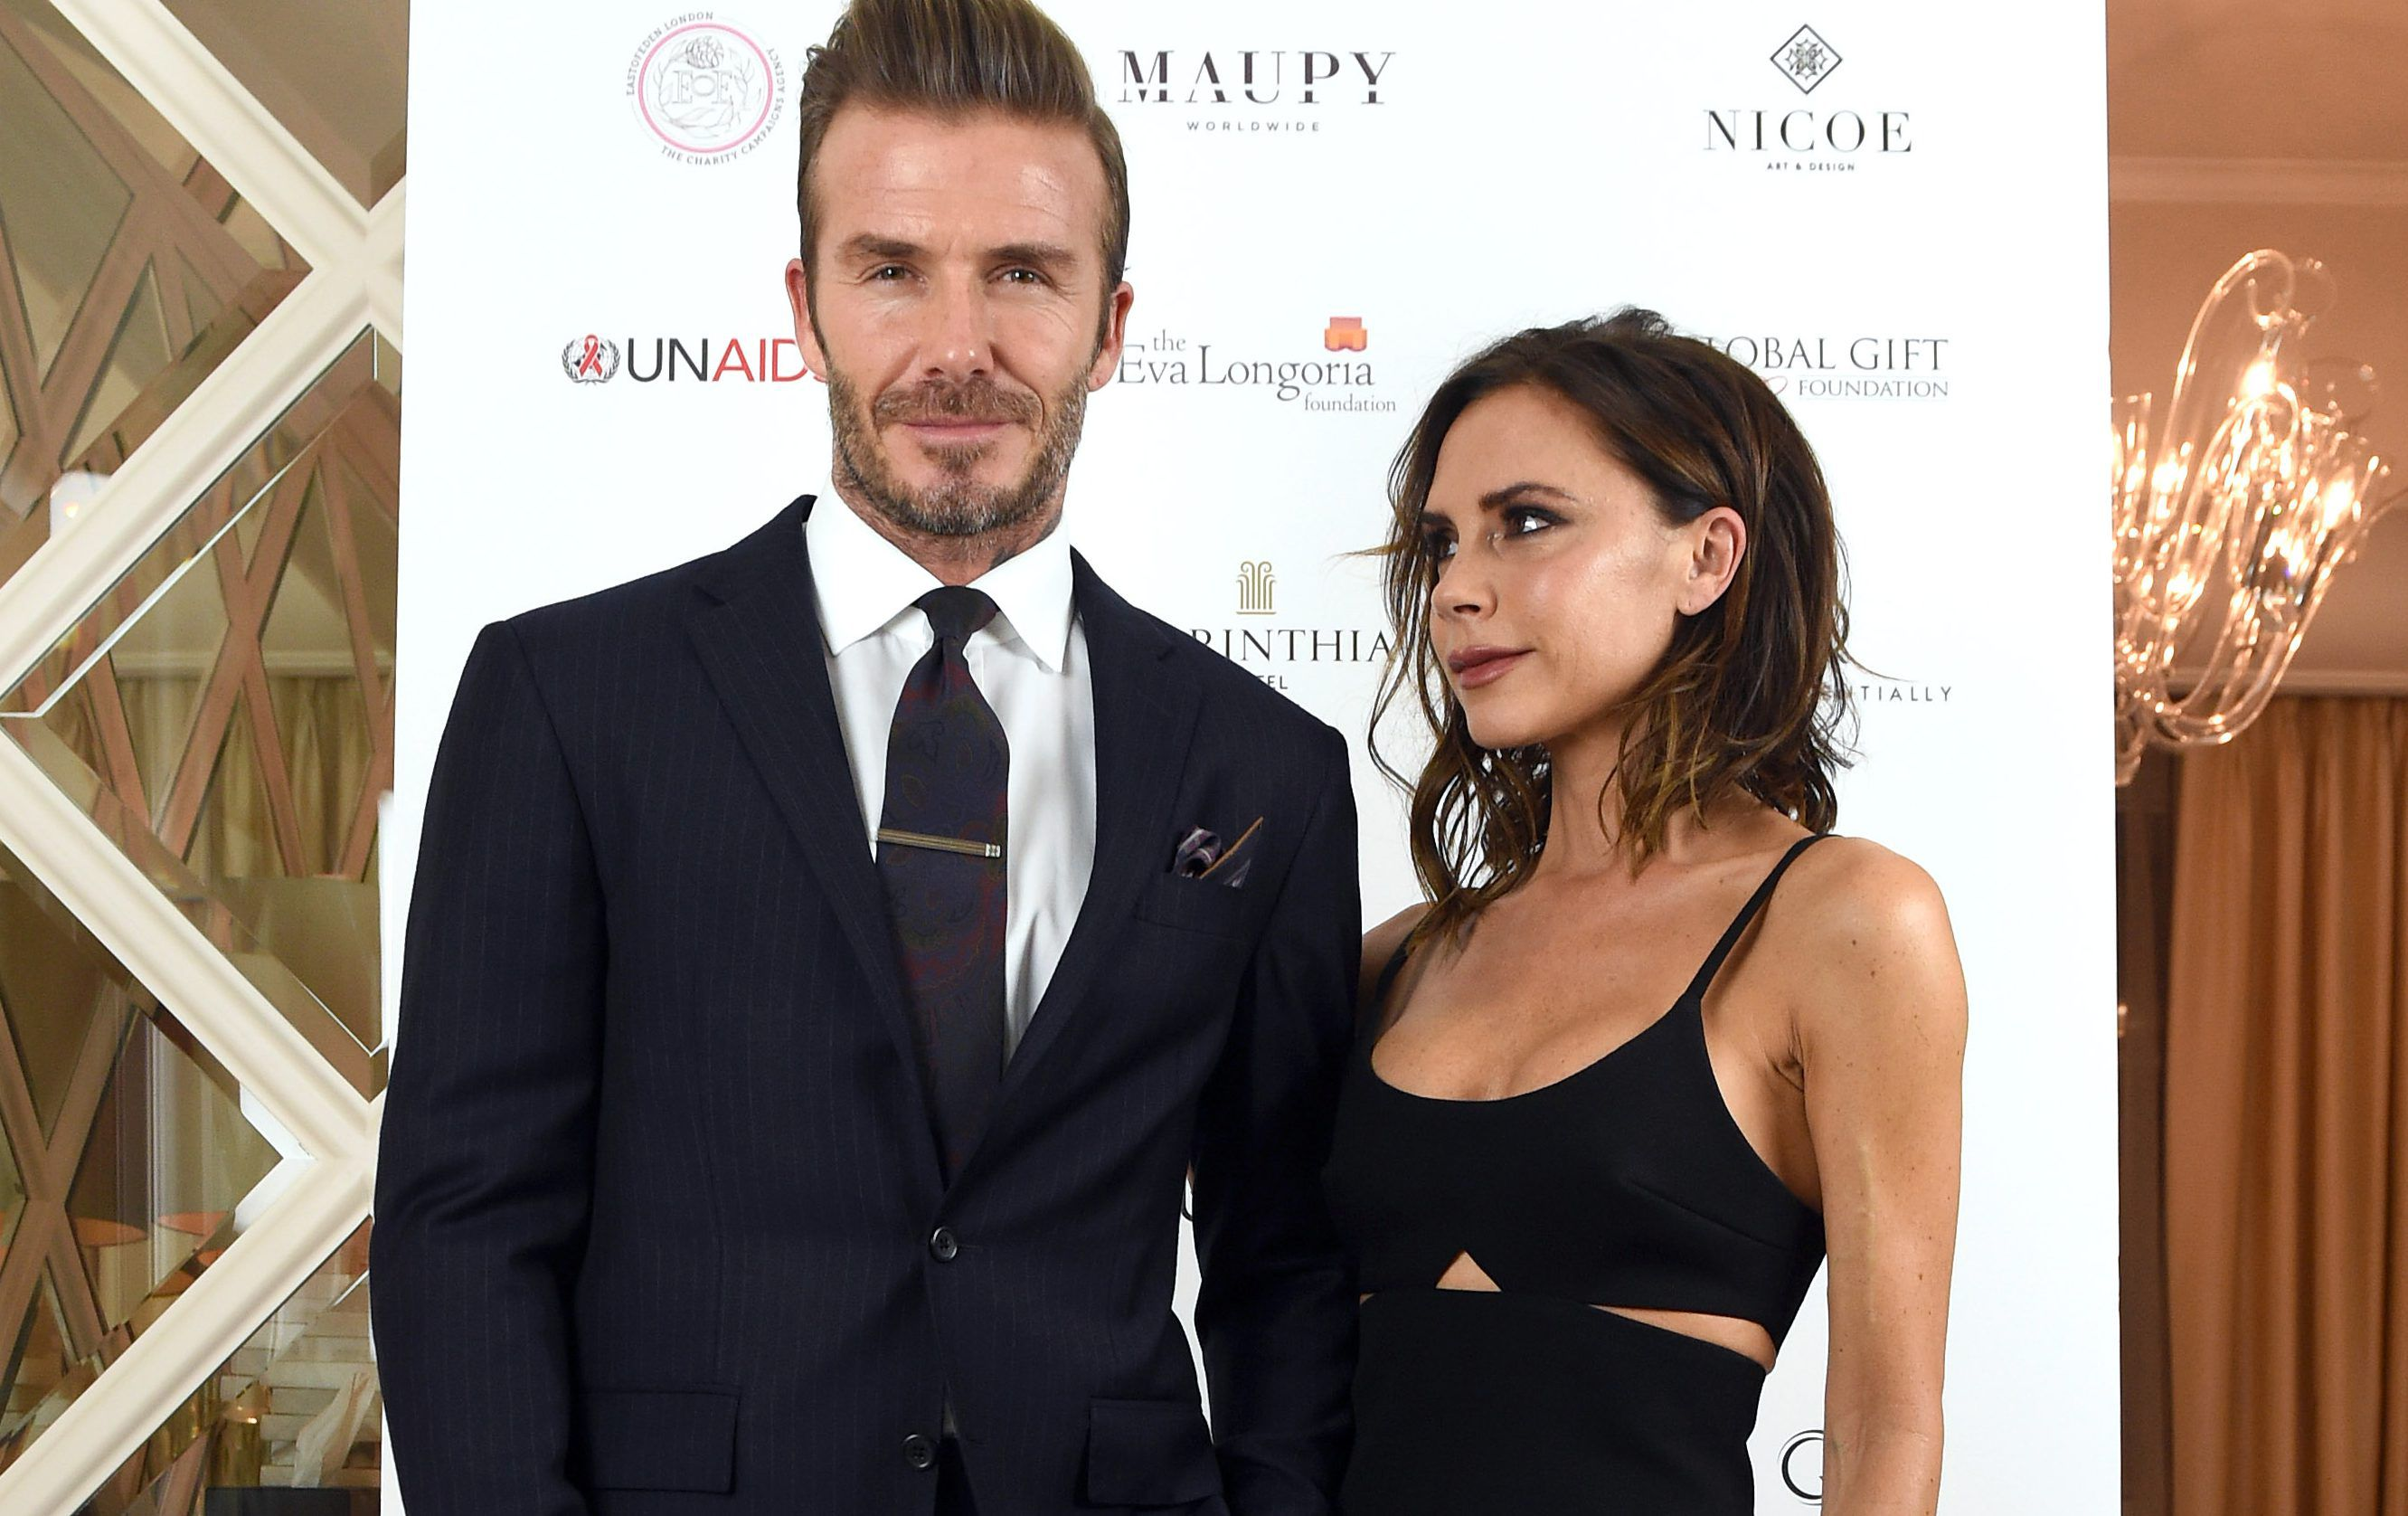 Назло всем врагам: Виктория и Дэвид Бекхэм прекрасно провели вечер в Лондоне